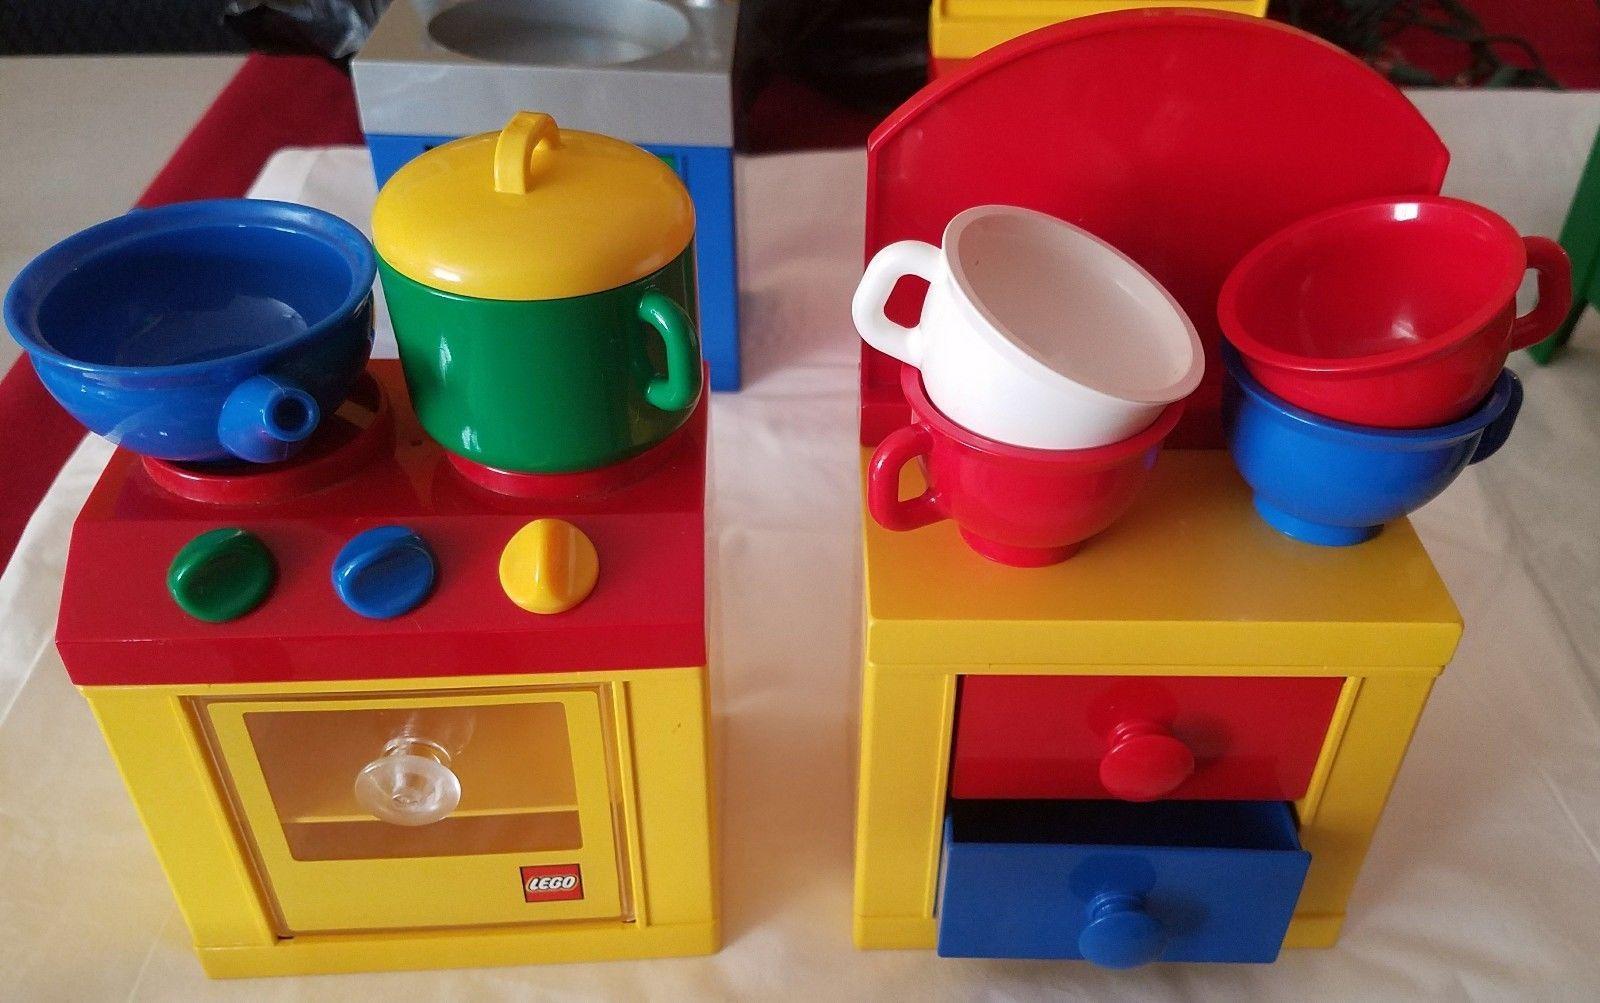 unique and rare lego doll house. | spielzeug, puppenstuben & -häuser